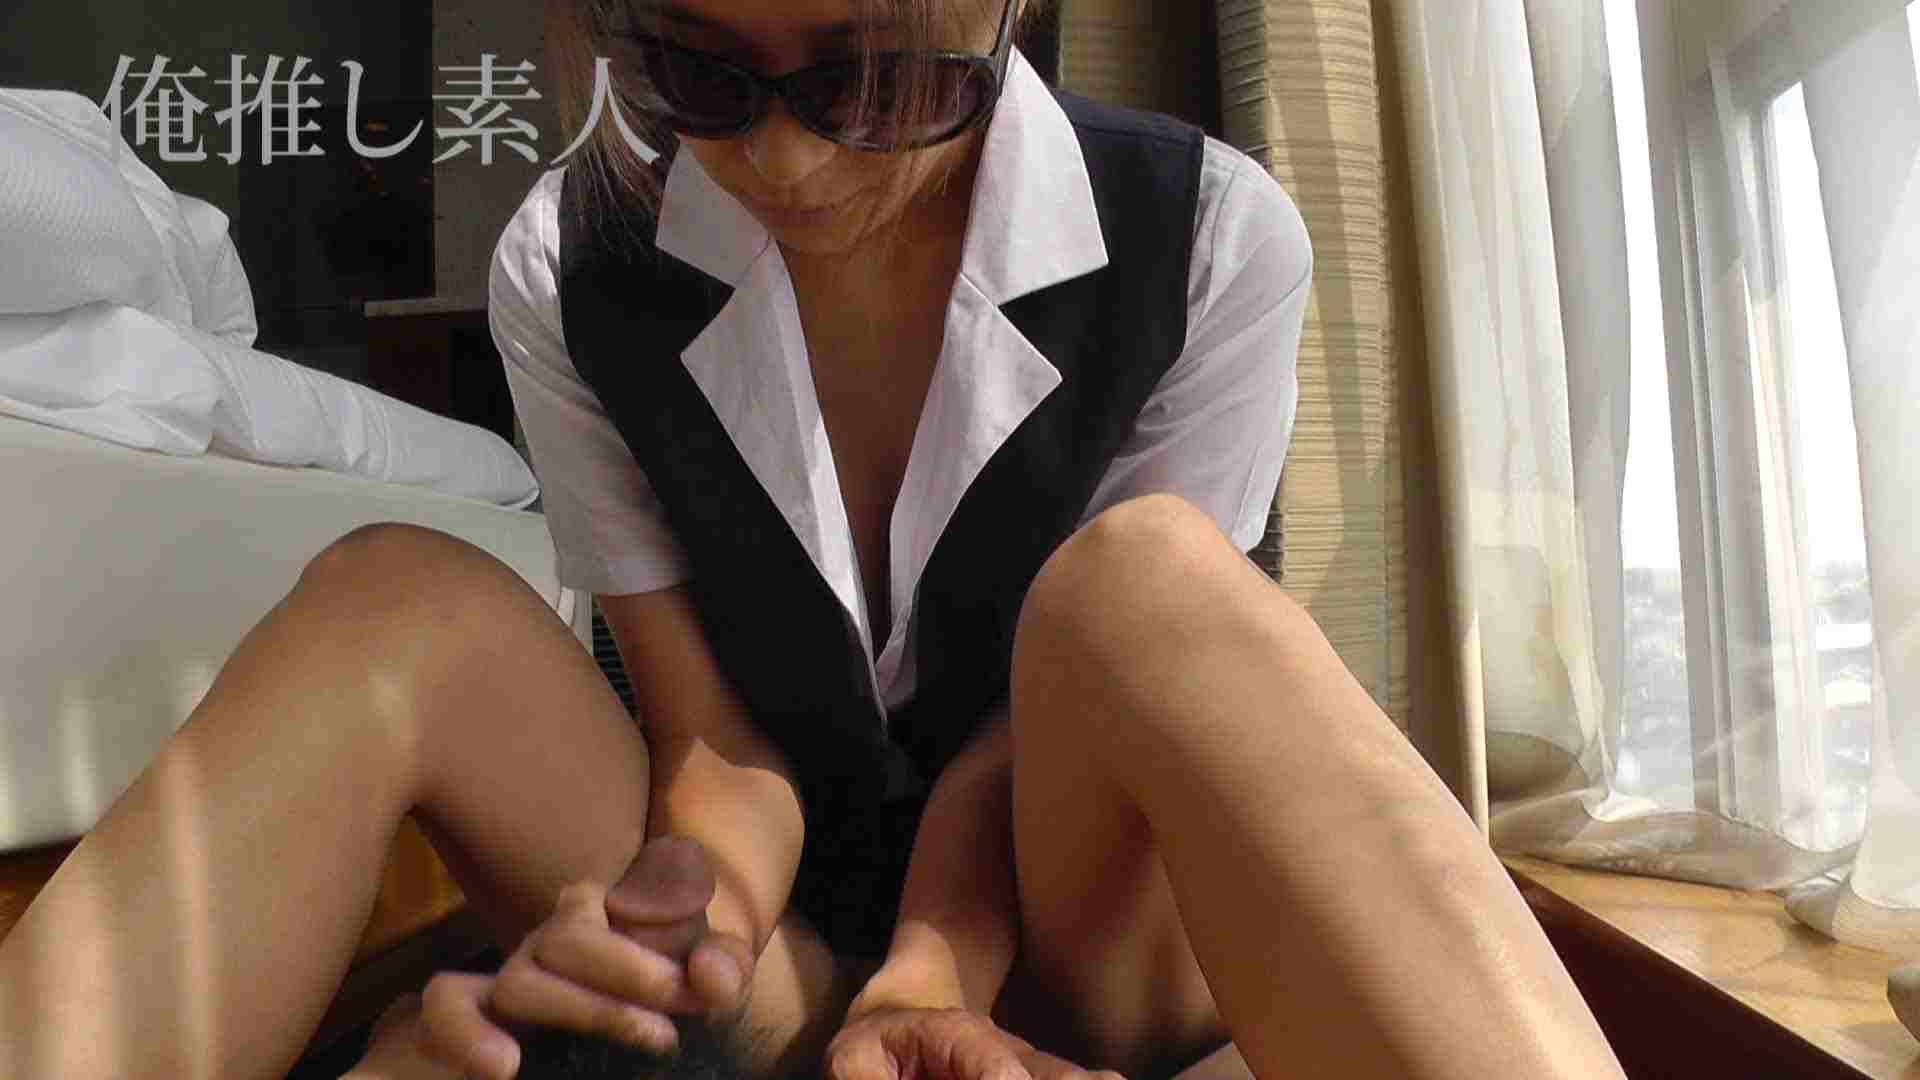 俺推し素人 30代人妻熟女キャバ嬢雫 コスプレ ワレメ動画紹介 106pic 46